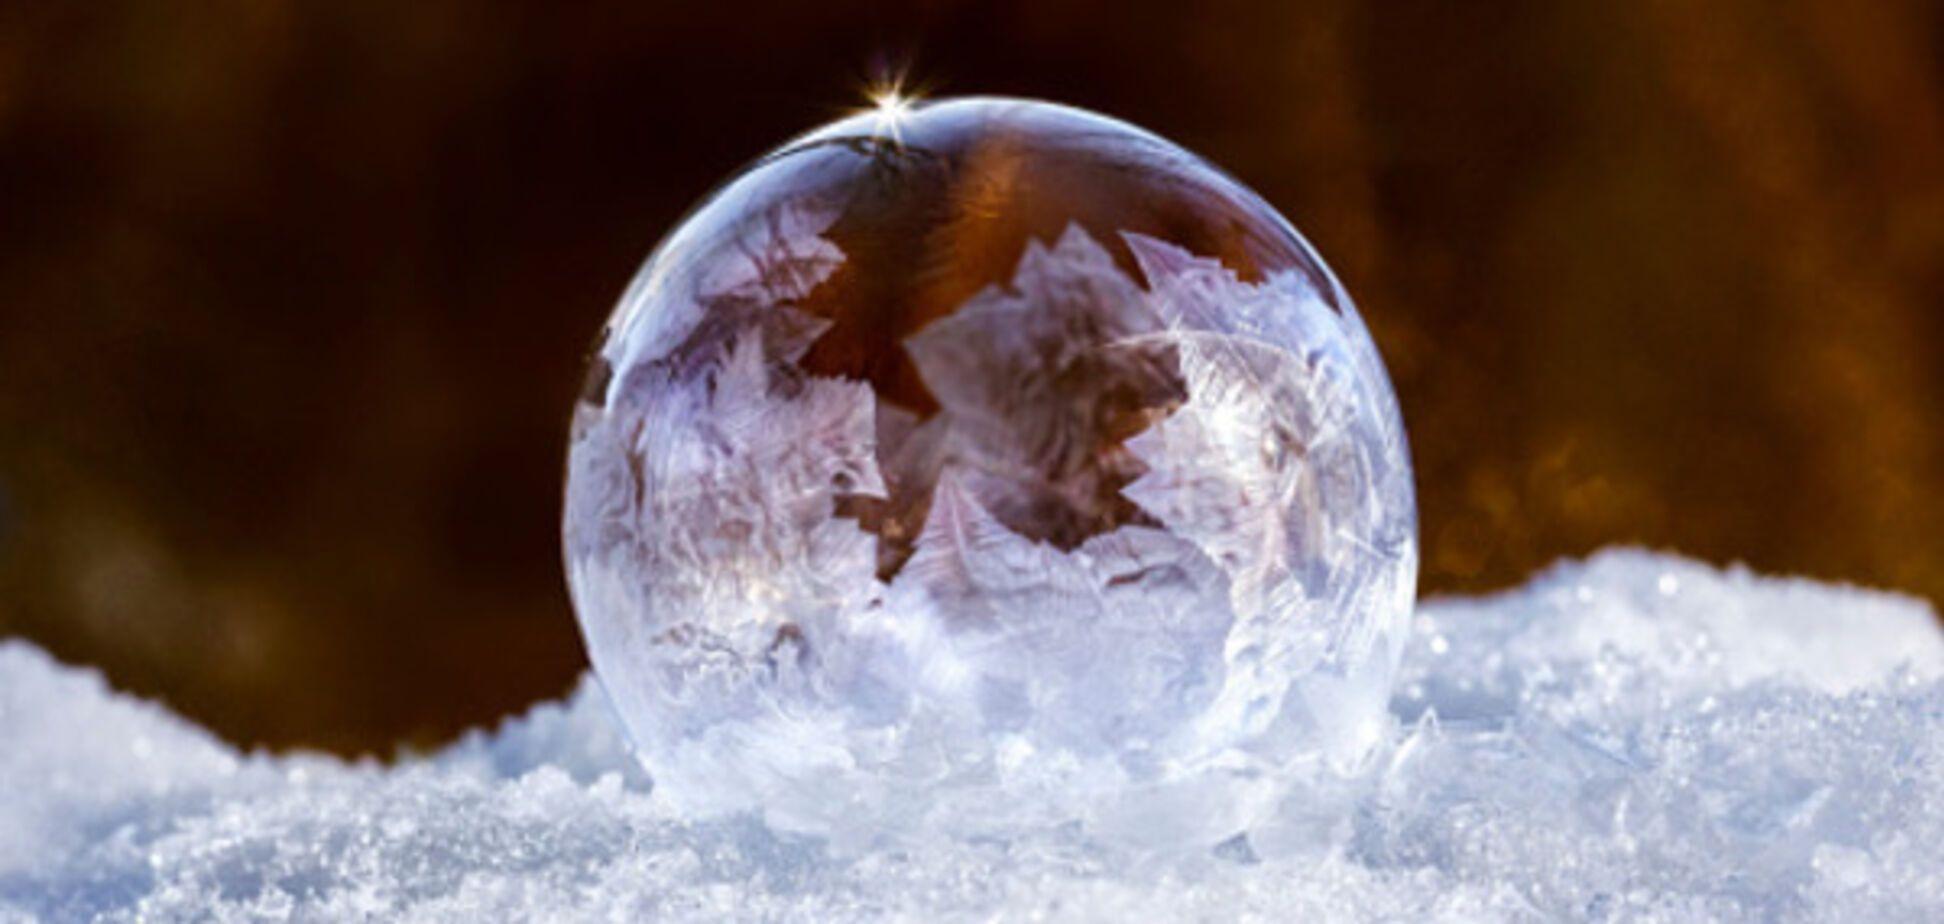 'Зимние забавы': сеть покорило видео с замерзающим мыльным пузырем